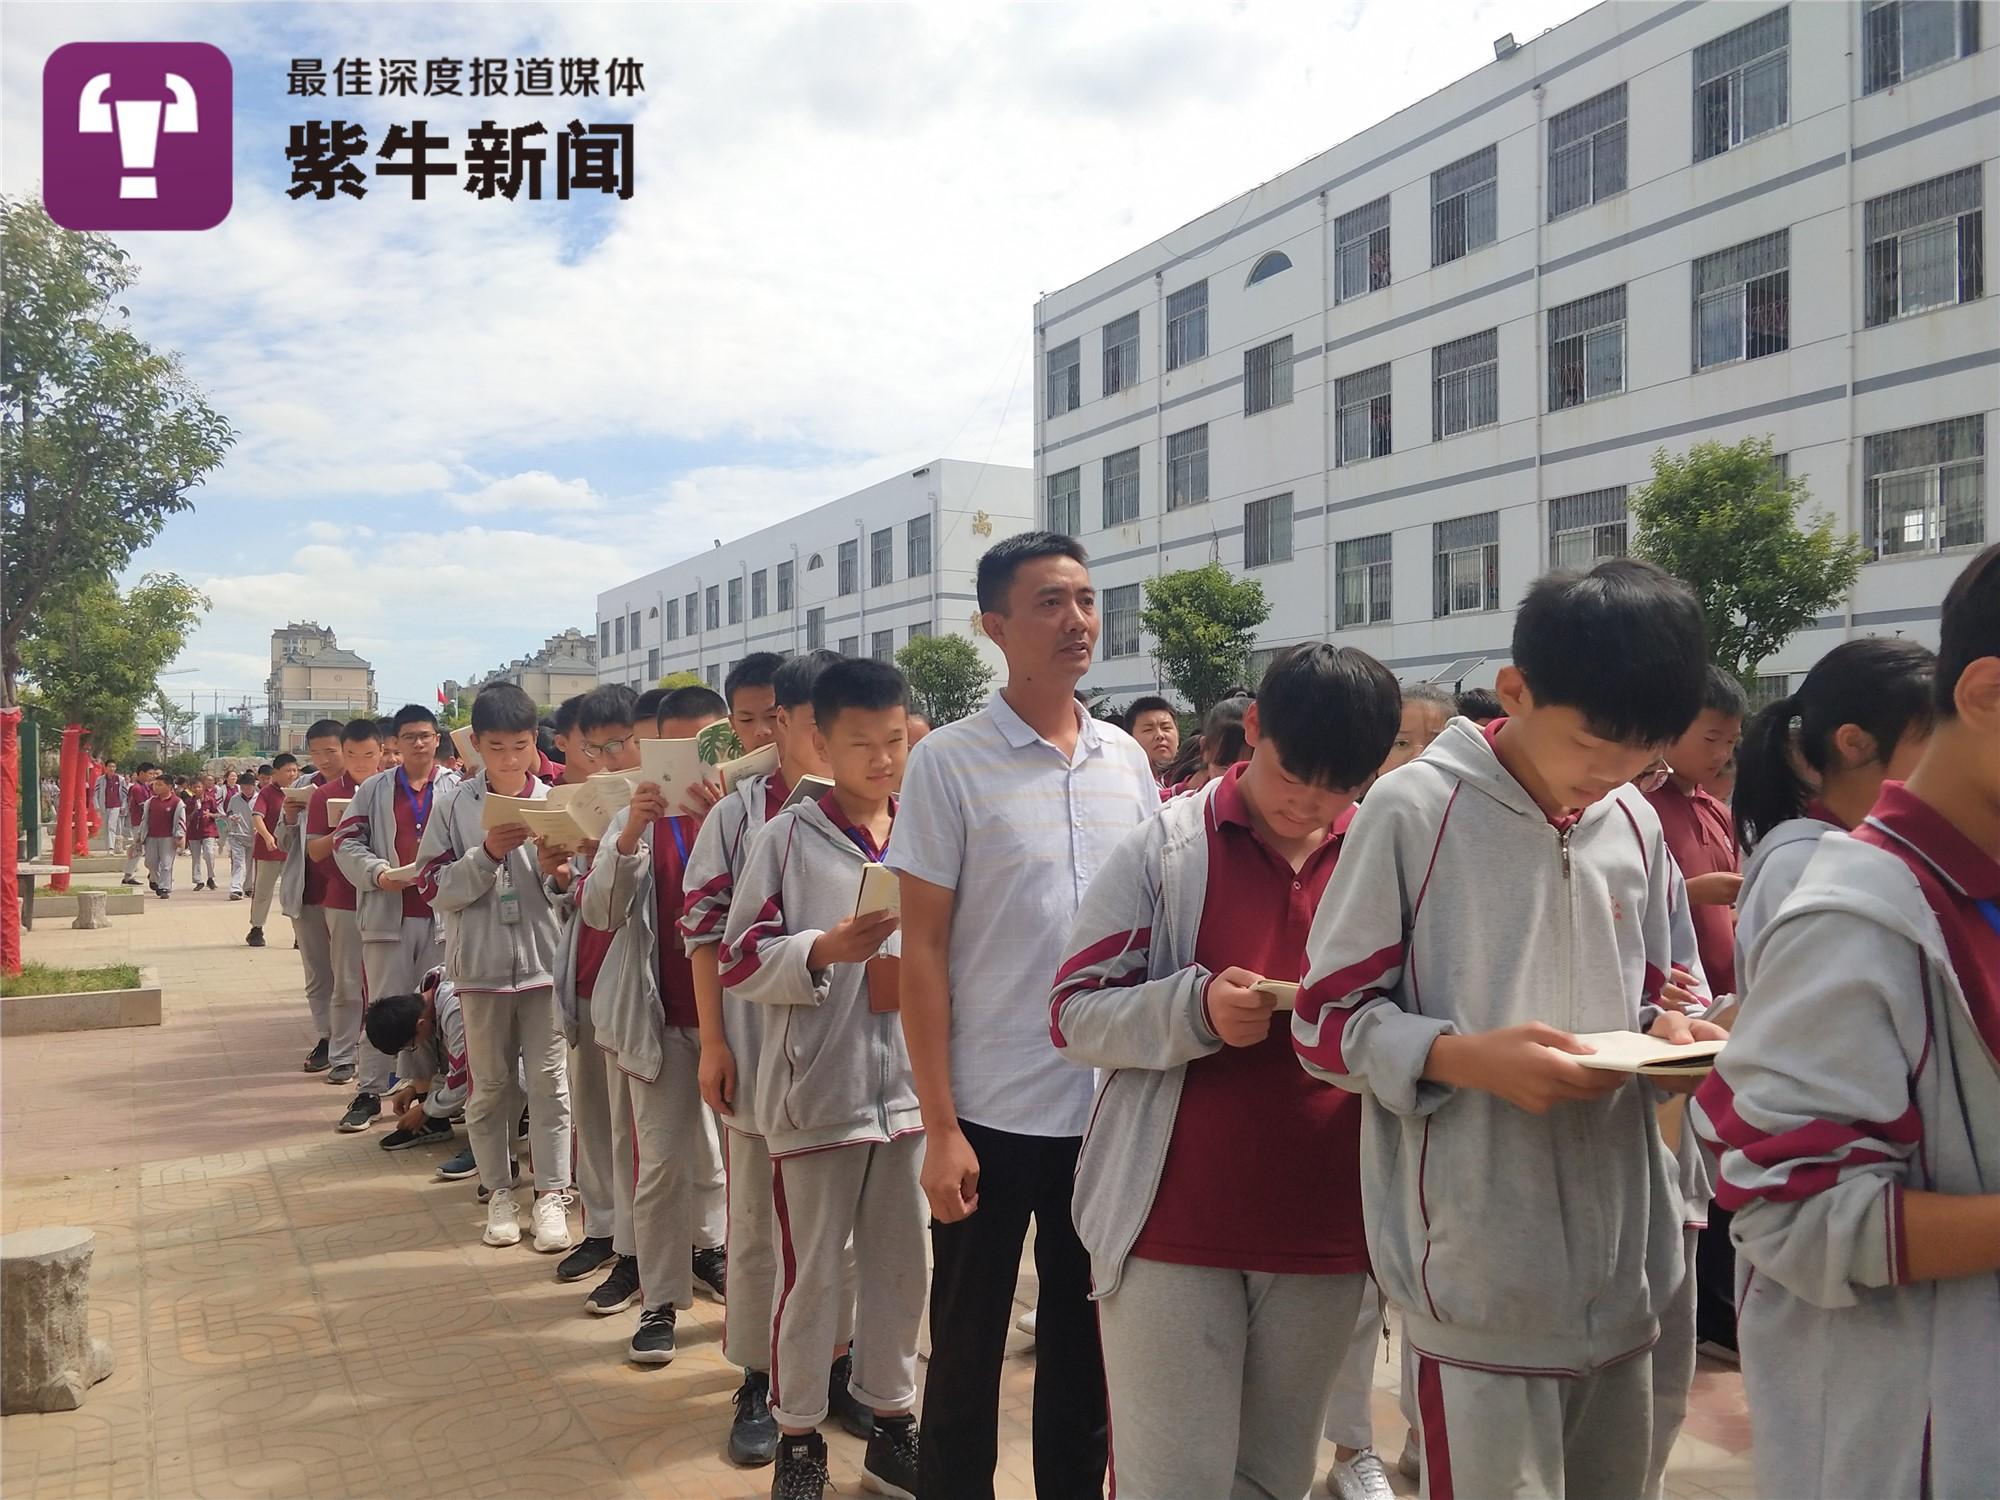 """【紫牛头条】每天背着14岁儿子上学,""""24小时贴身老爸""""成校园""""红人"""""""